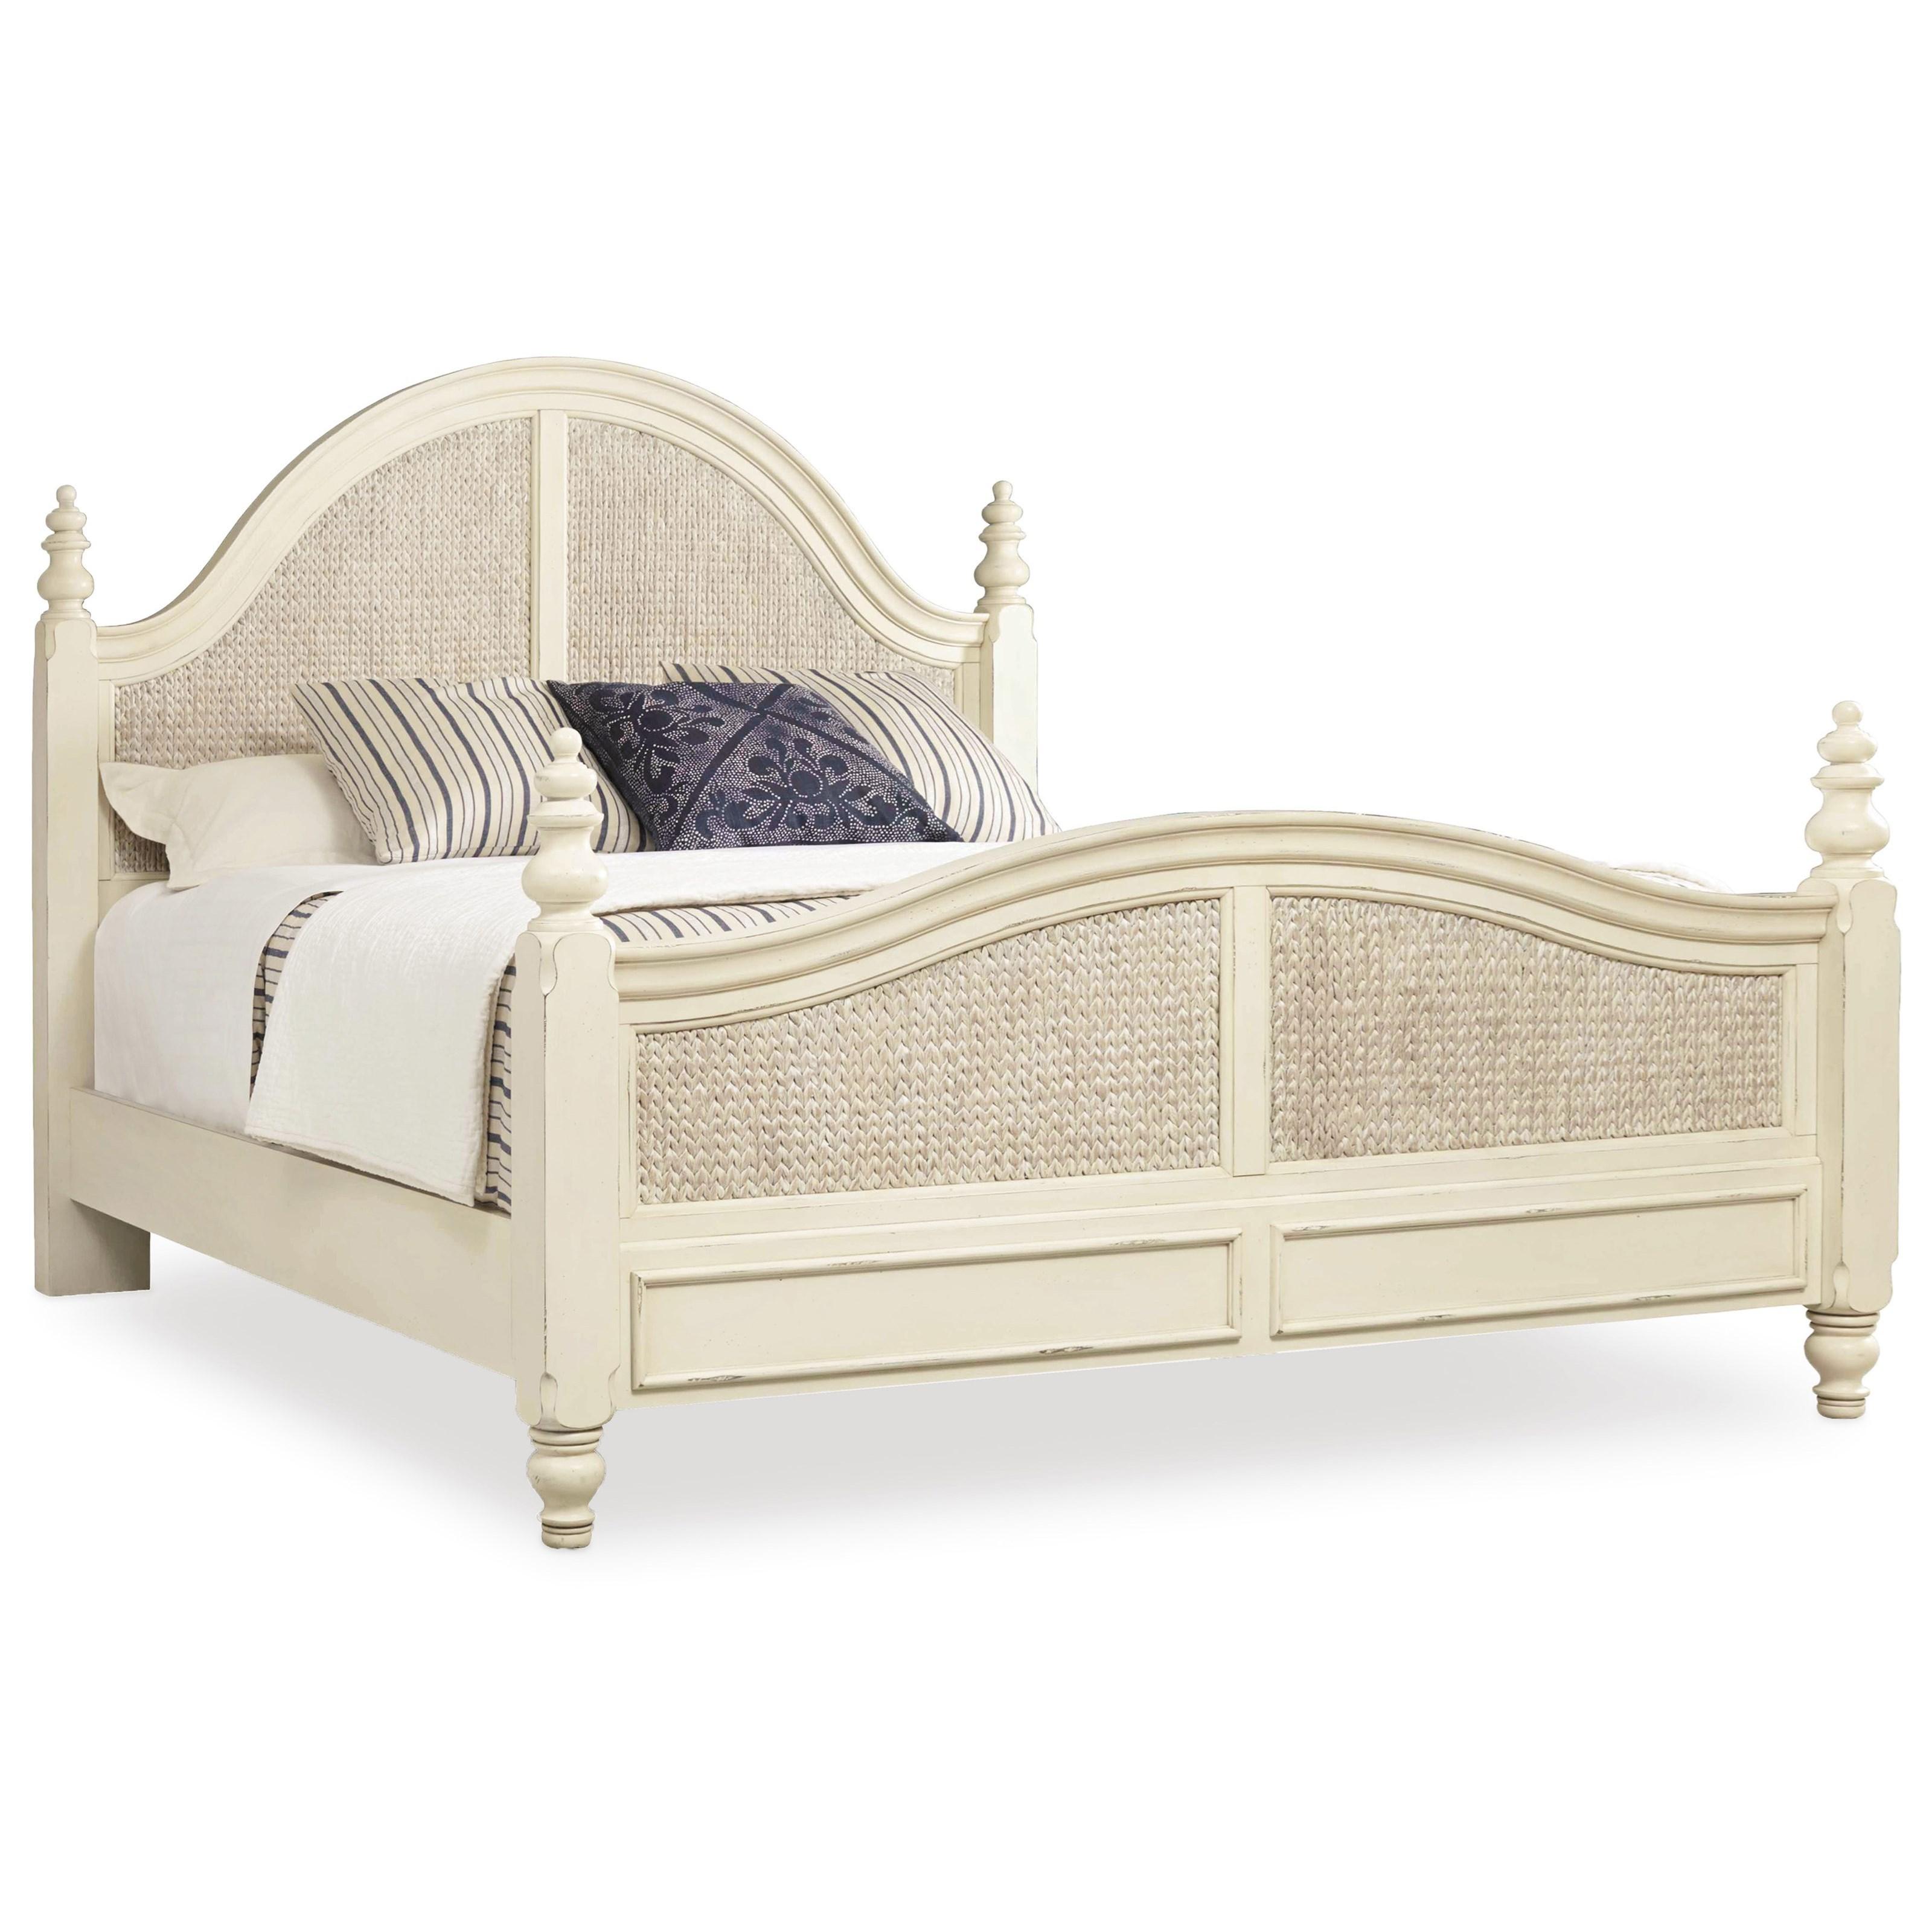 Queen Woven Panel Bed